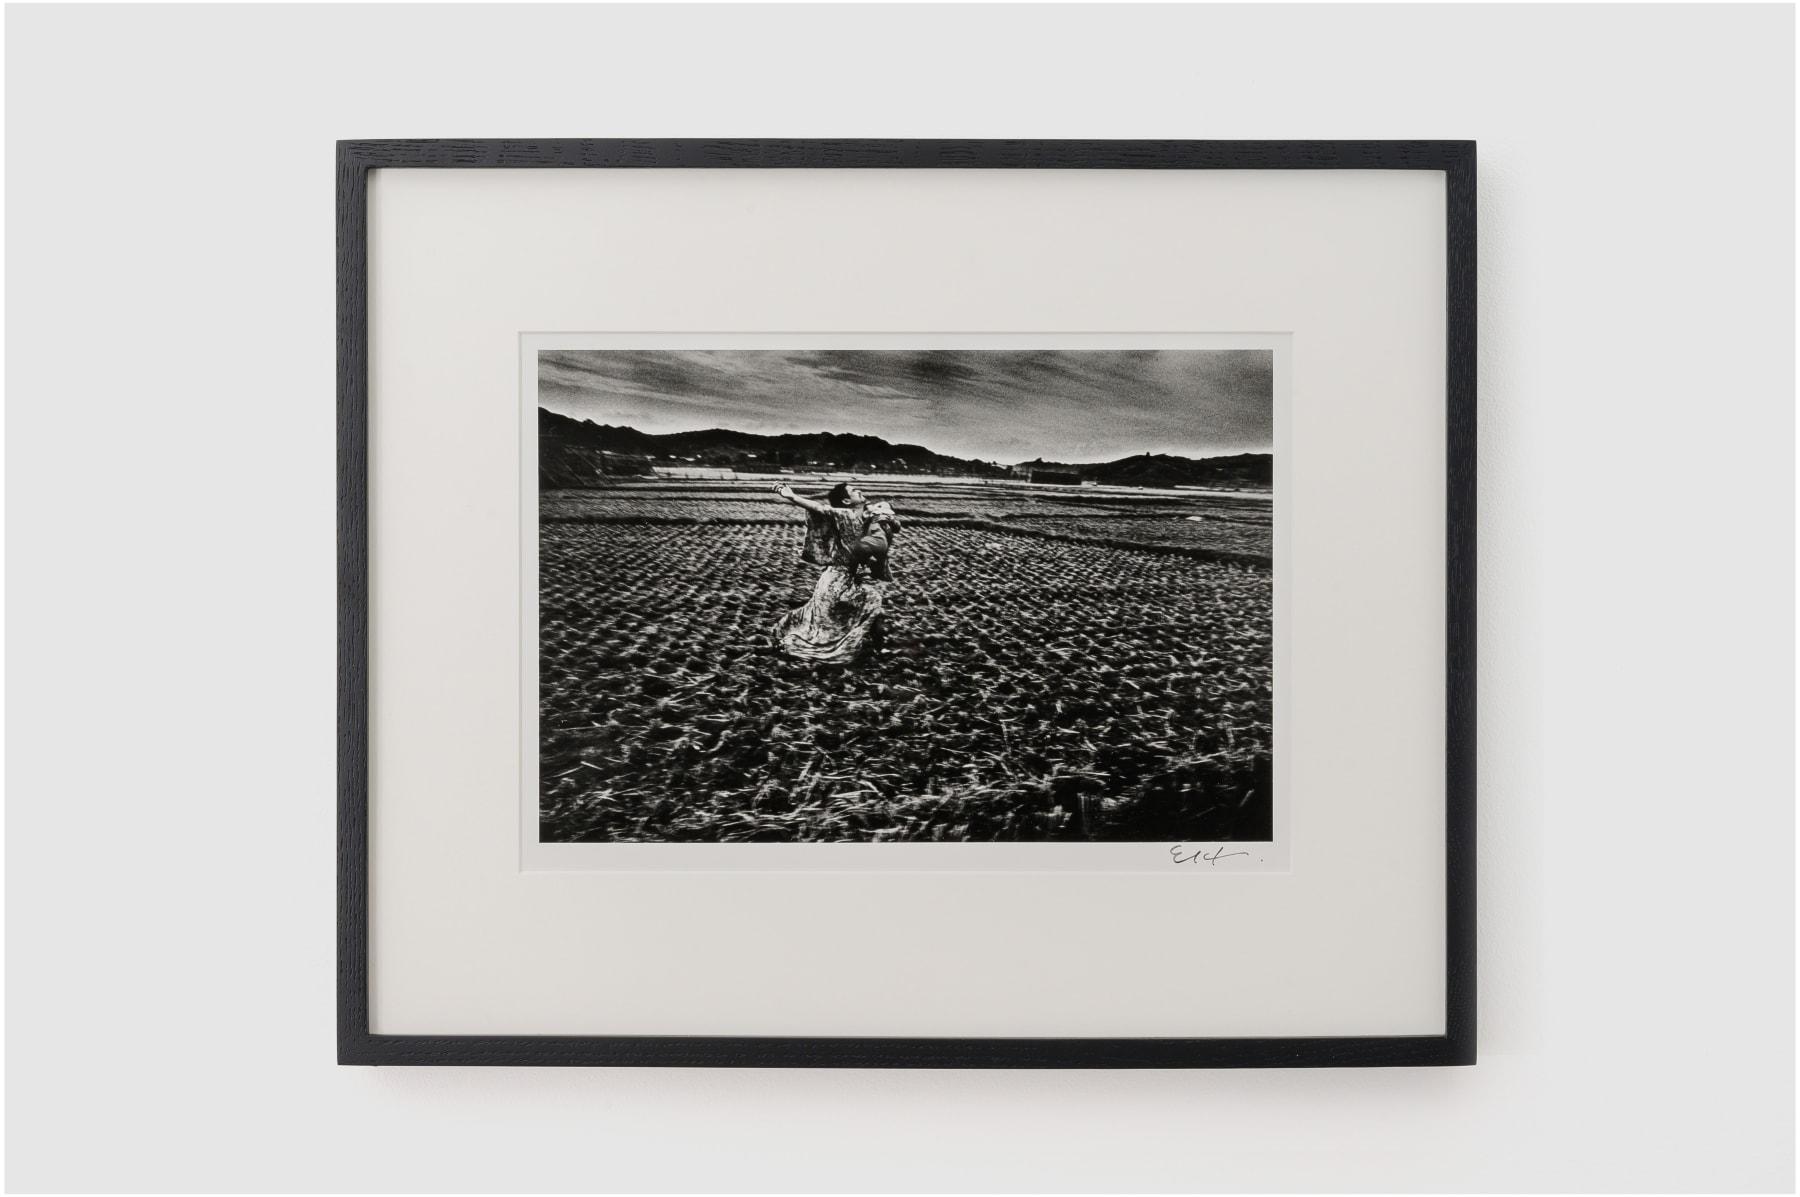 Eikoh Hosoe, Kamaitachi #37, 1965/2014